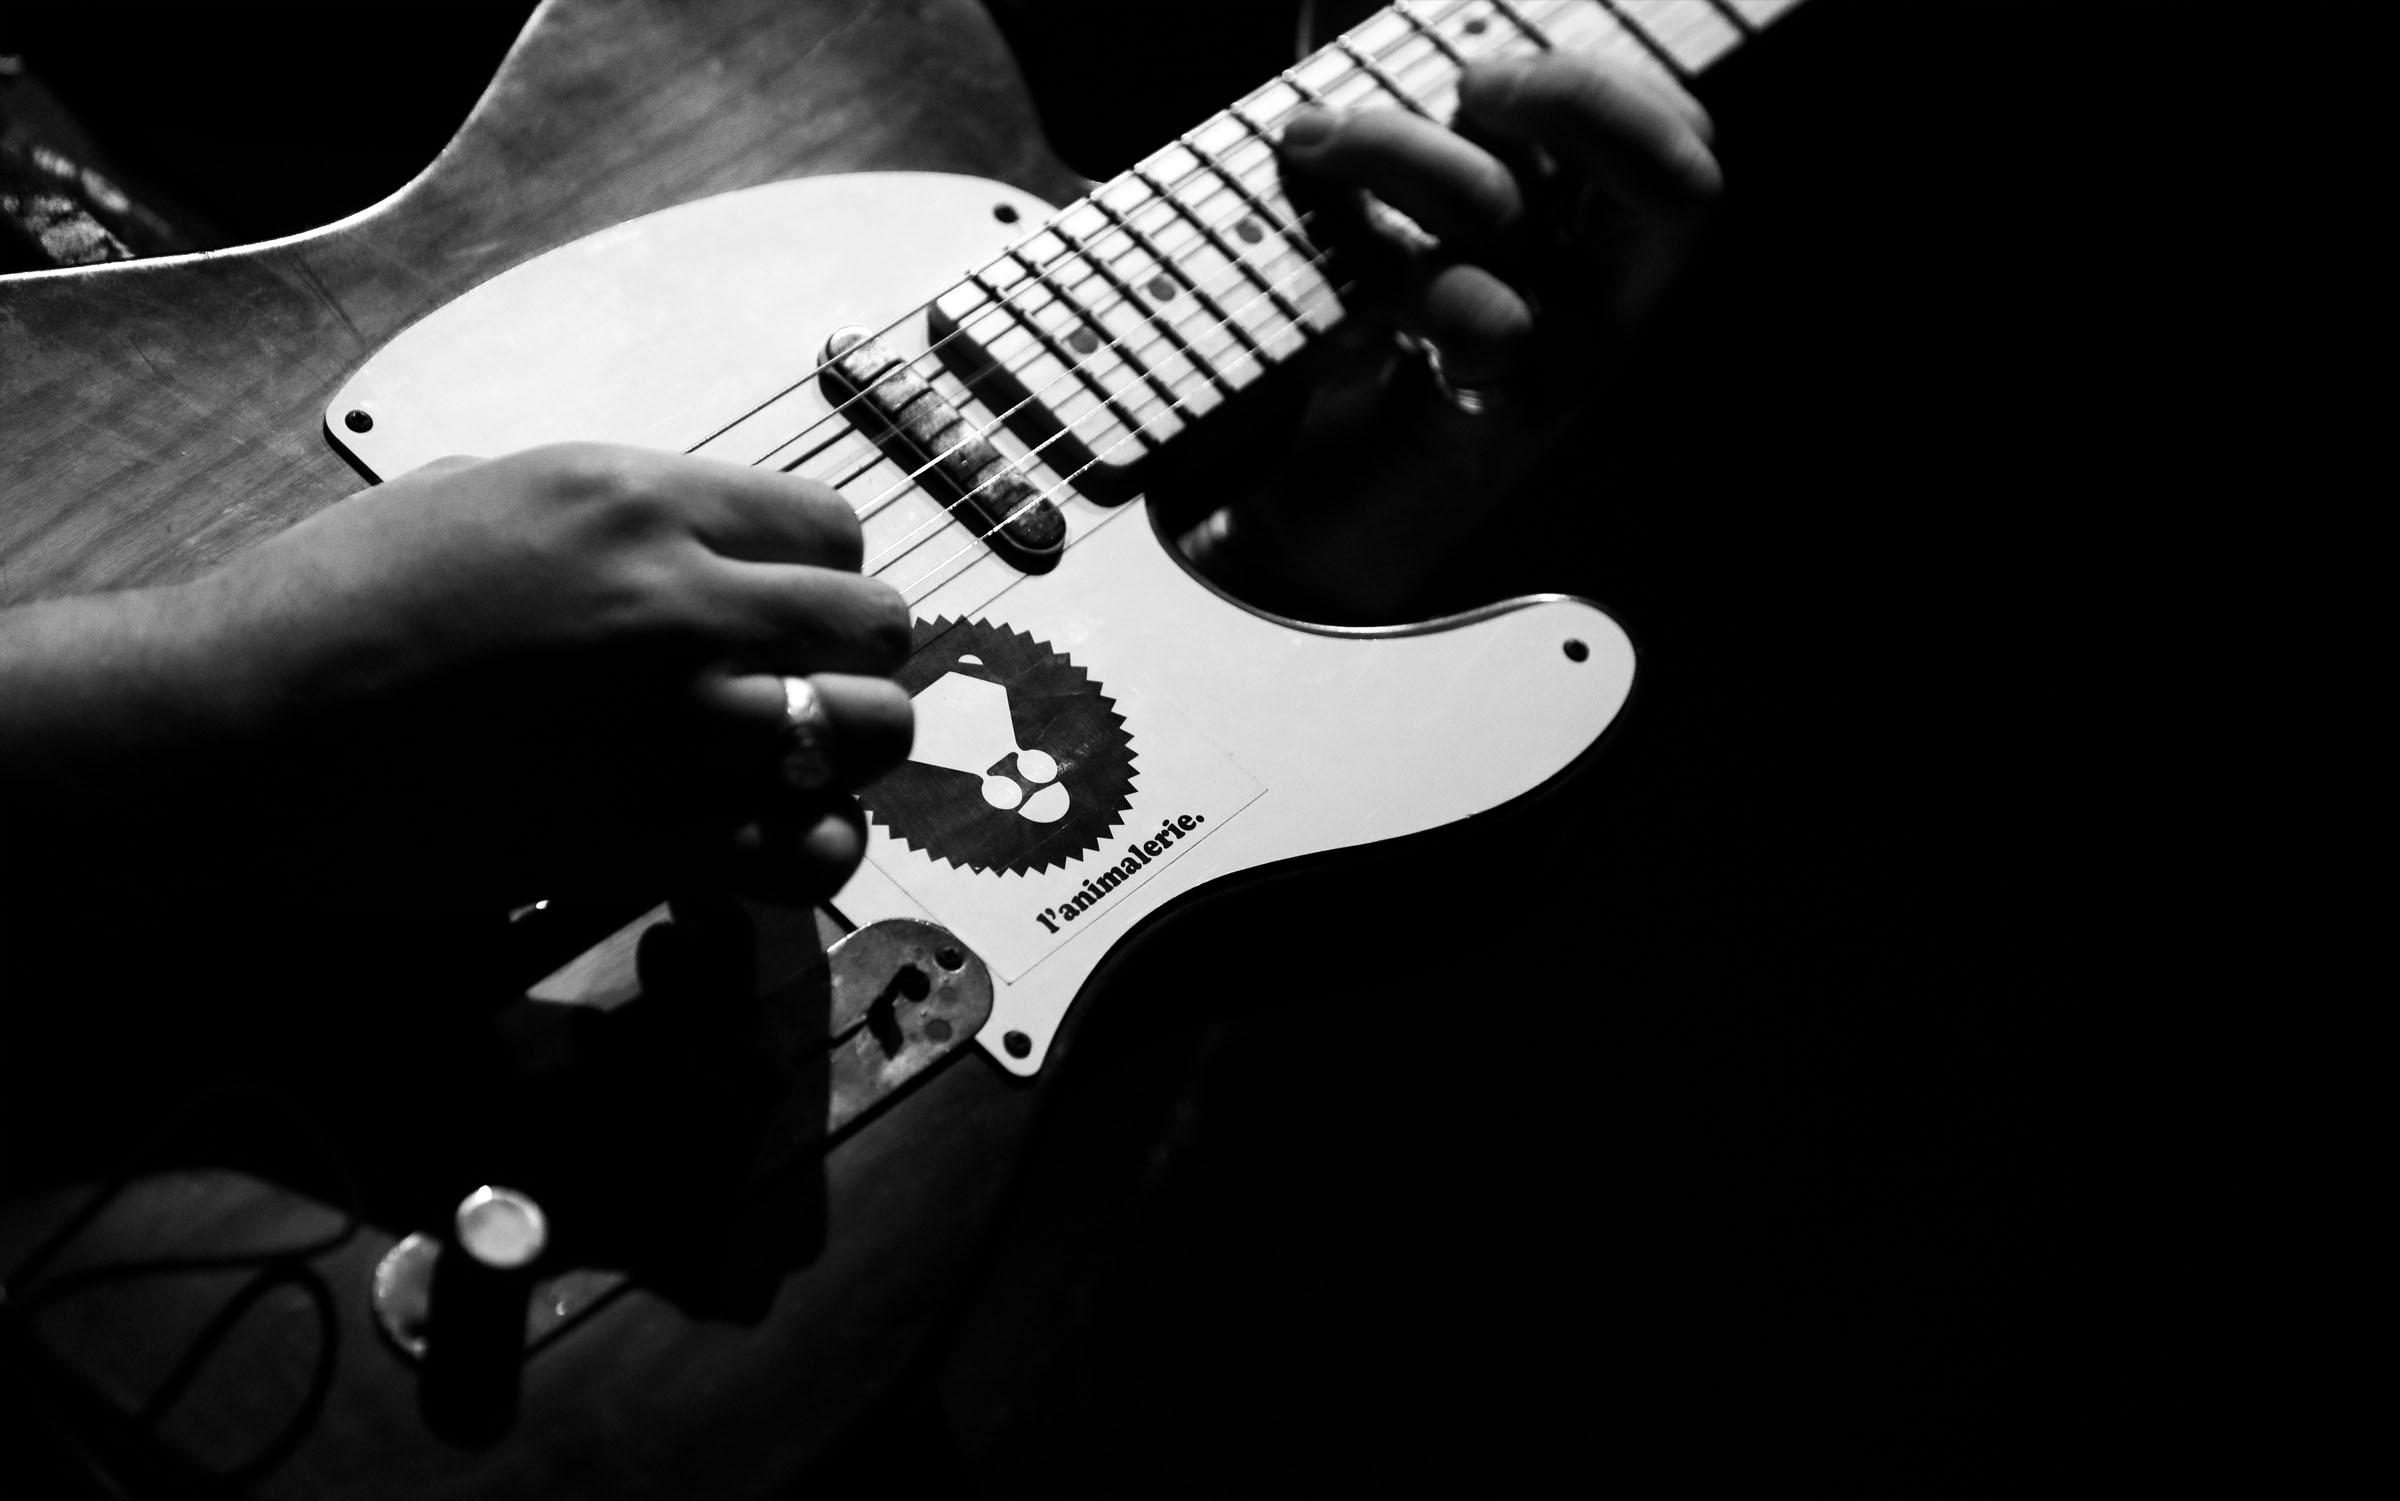 LHH-Animalerie-Instrument-basse-guitare